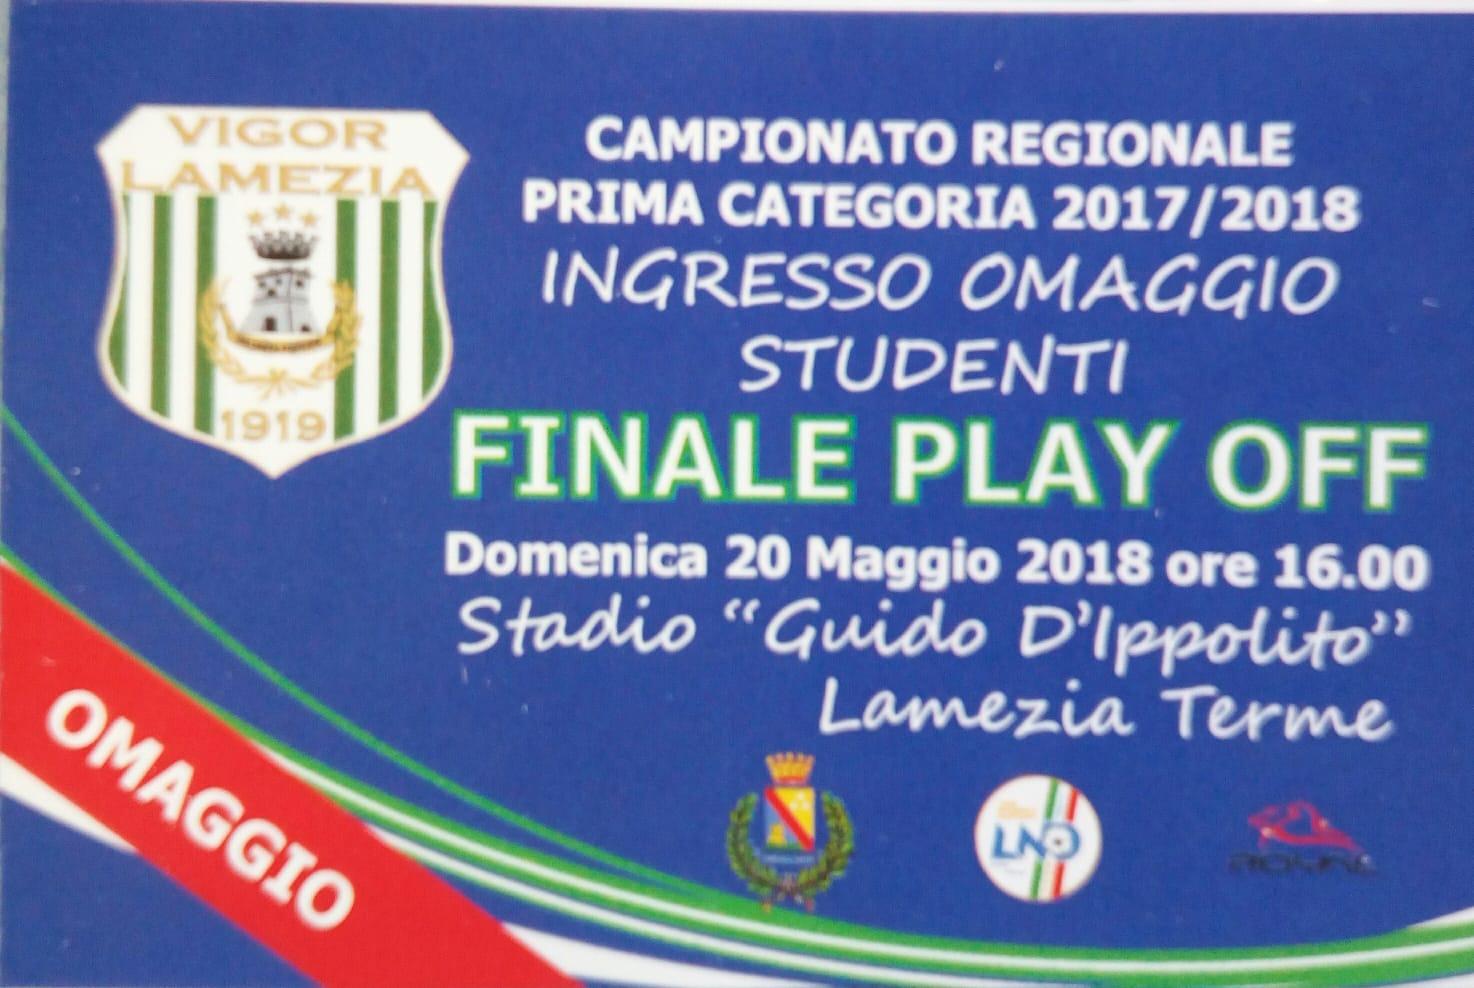 Vigor Lamezia 1919 - San Calogero: ingresso gratuito per 500 studenti